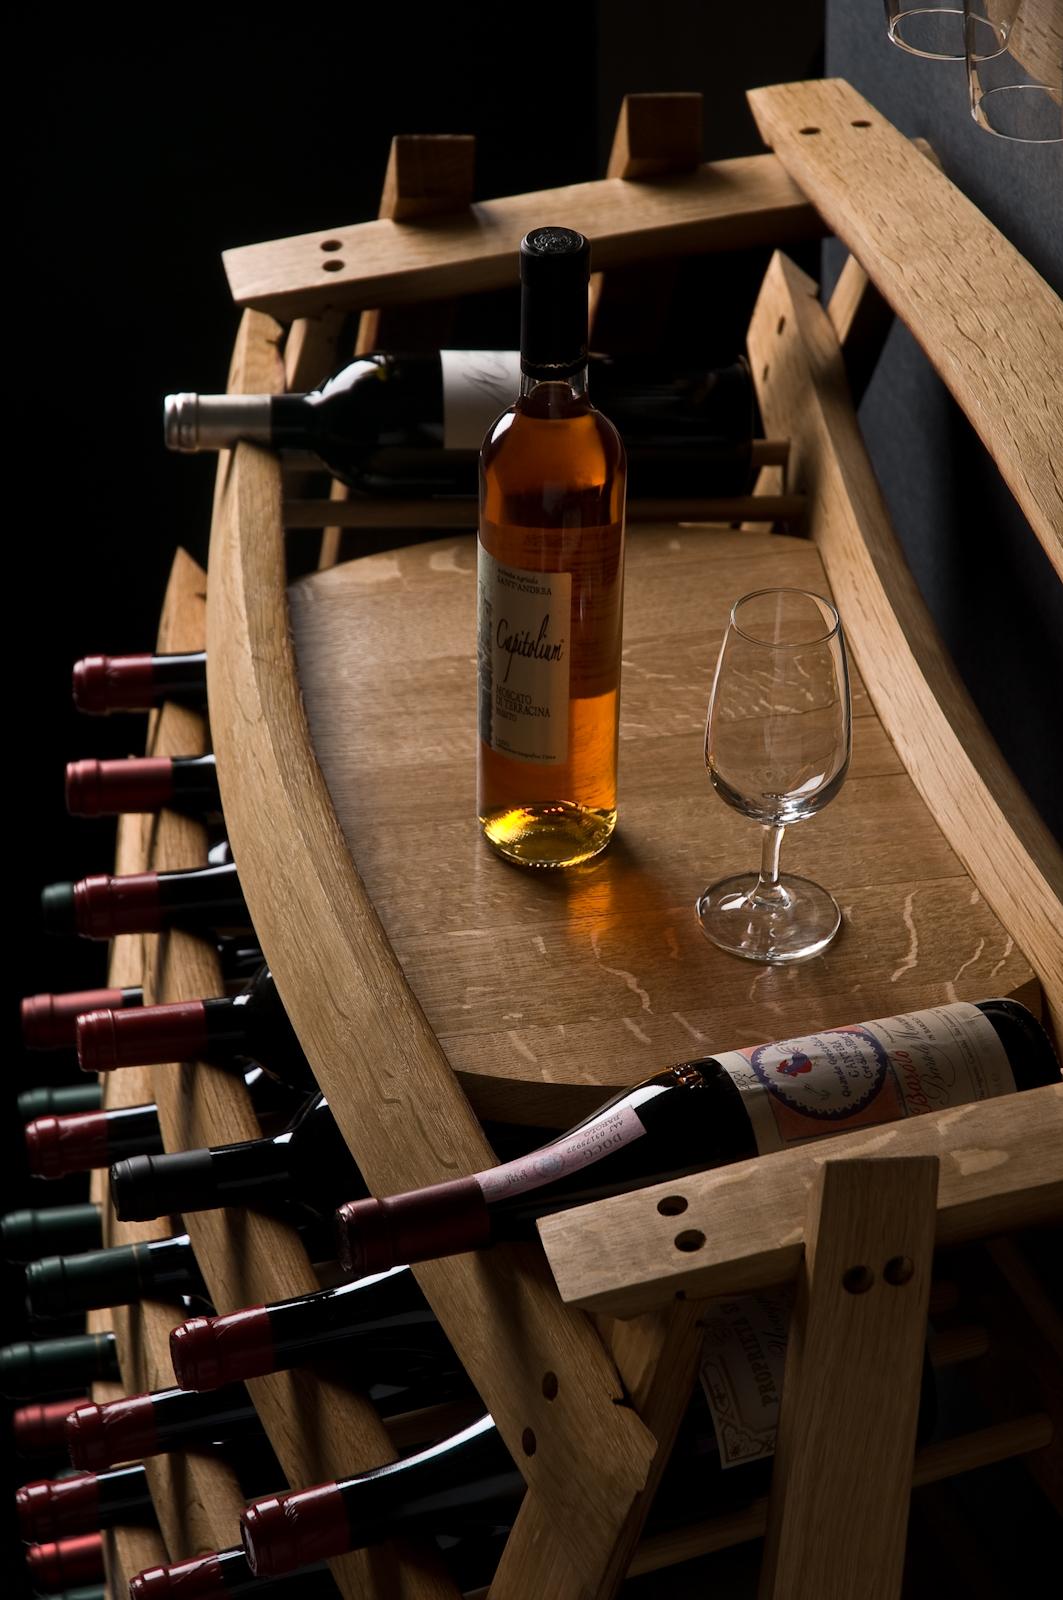 Portabottiglie fatto da un barrique per degustazione vini